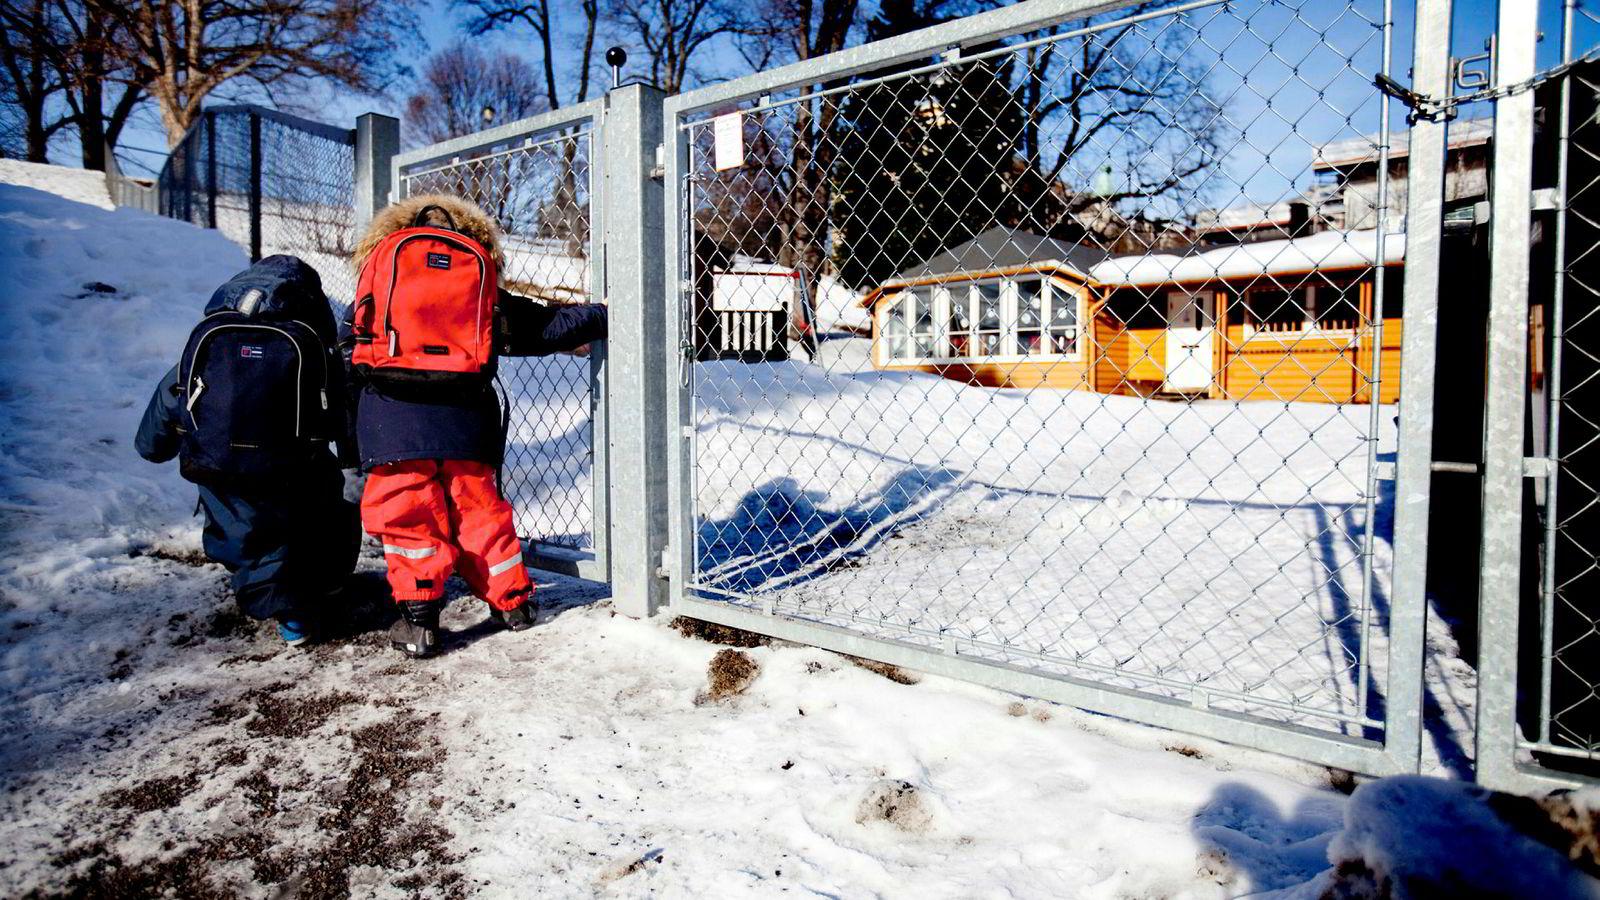 Færre barn som må følges til barnehagen kan være et resultat av at norsk likestillingspolitikk har vært vellyket. Men en politikk som ikke gir kvinner incentiv til å ville få et for samfunnet tilstrekkelig antall barn, er ikke bærekraftig på lang sikt.